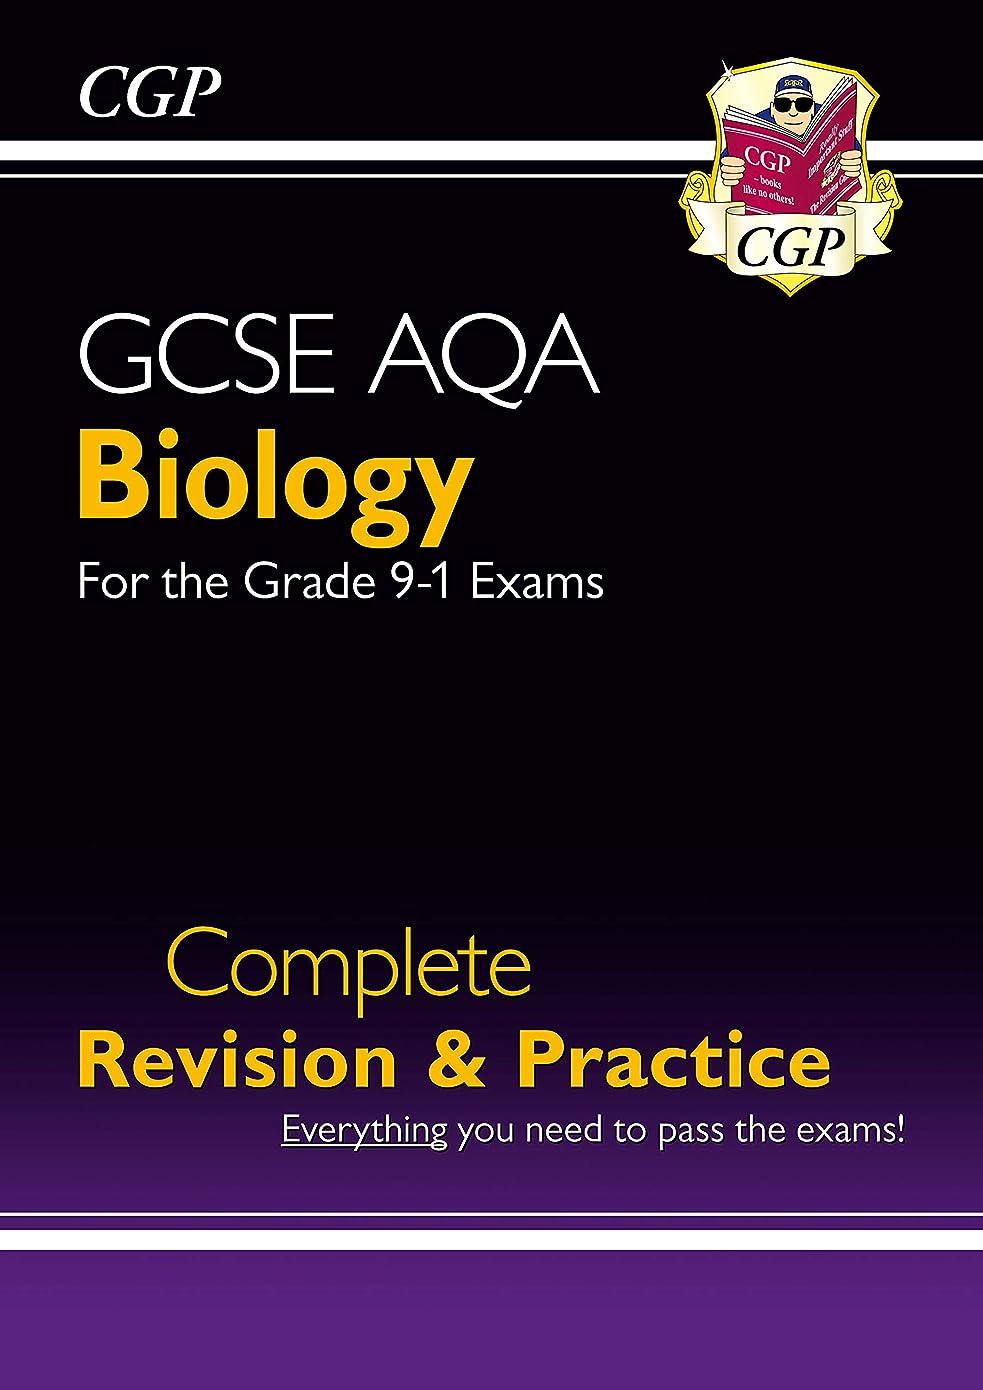 発生批判自信があるNew Grade 9-1 GCSE Biology AQA Complete Revision & Practice (CGP GCSE Biology 9-1 Revision) (English Edition)